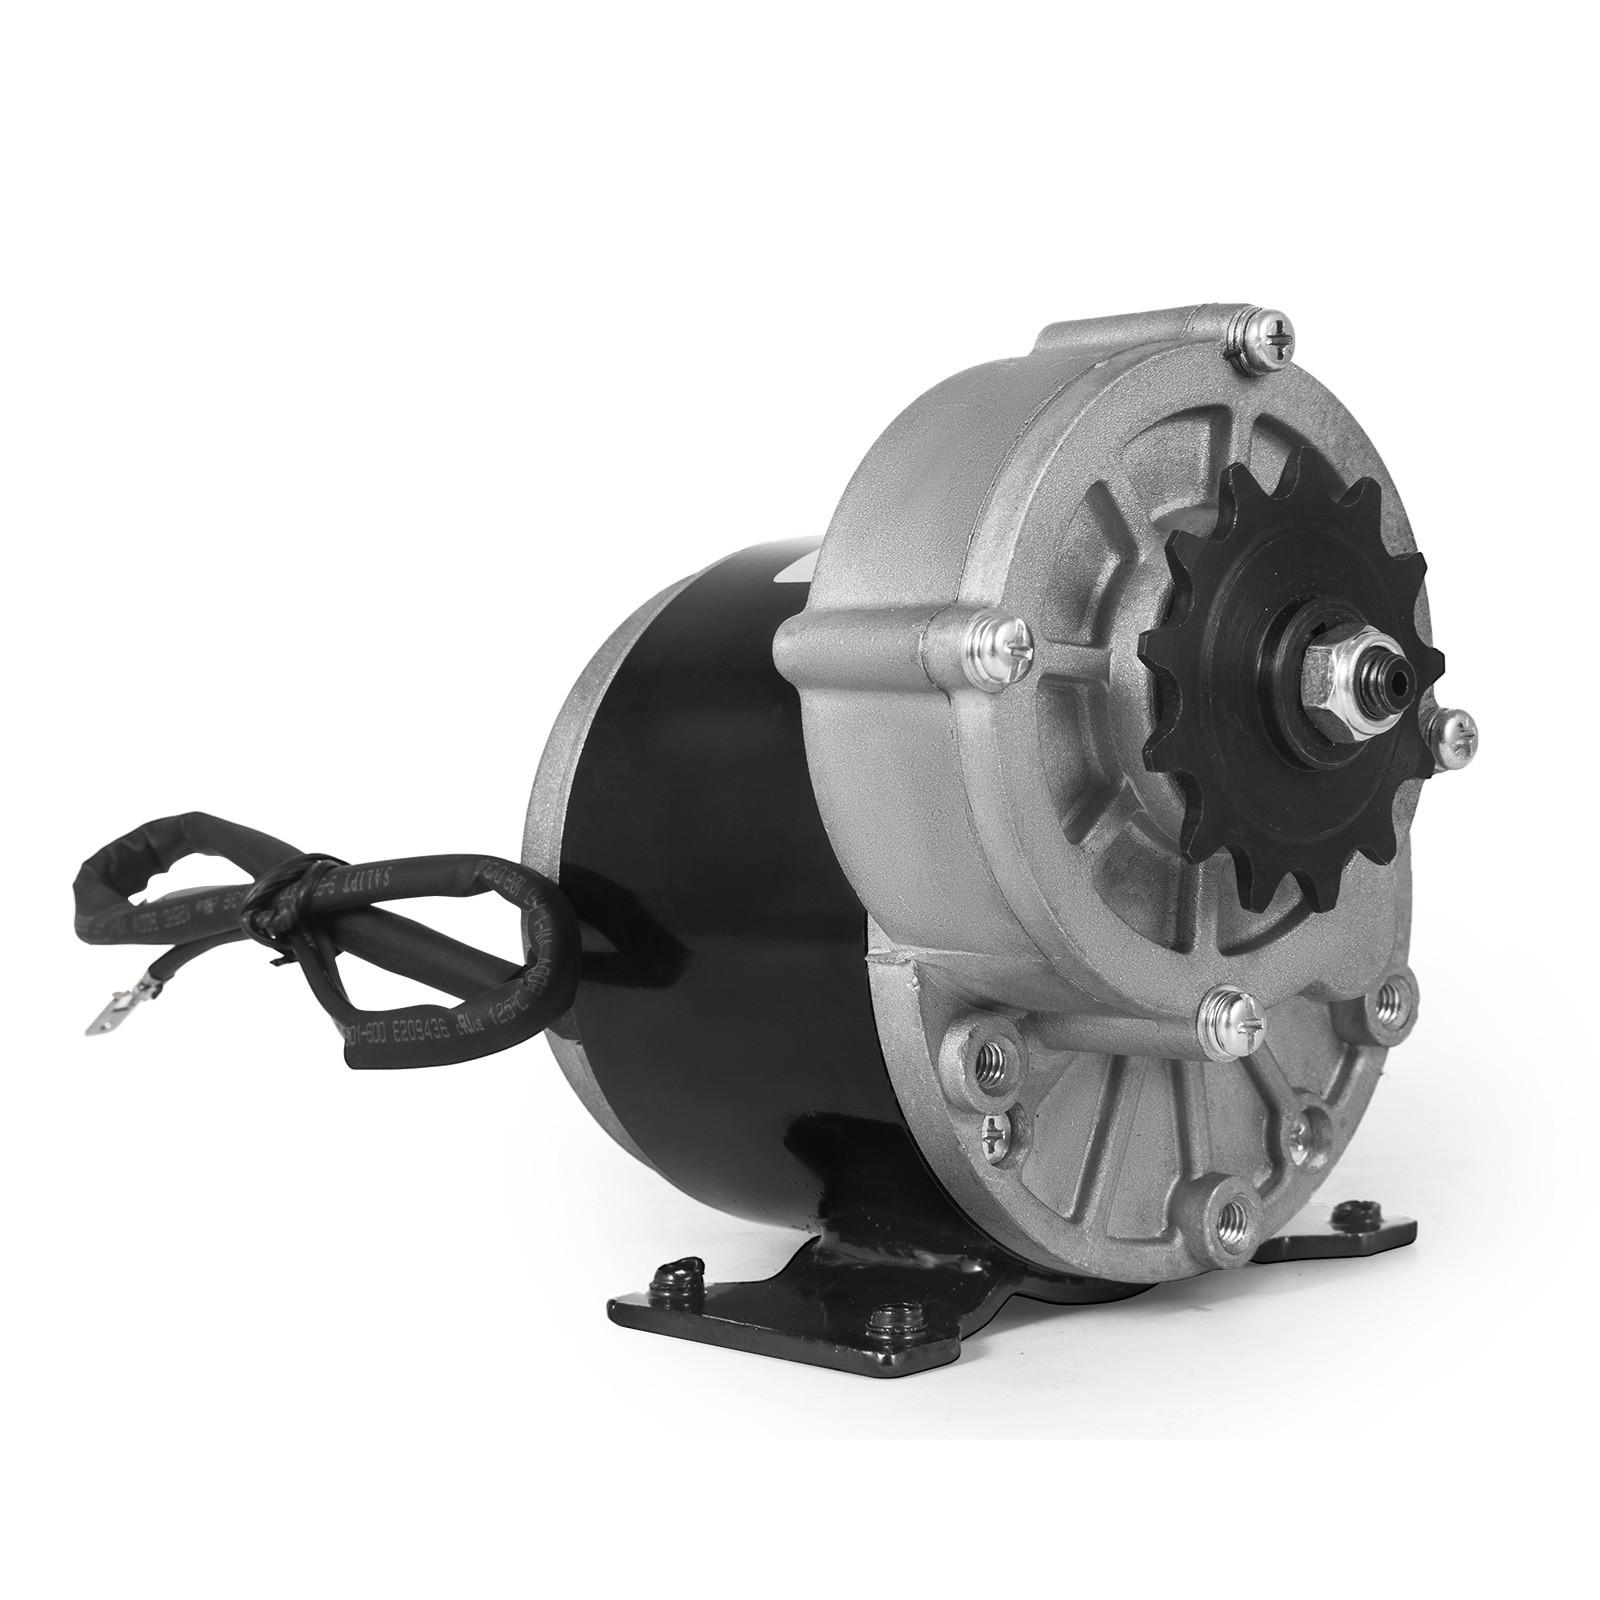 Electric-Motor-E-bike-Motor-controller-kit-DC-24v-12v-Minibike-E-Scooter-ATV thumbnail 51